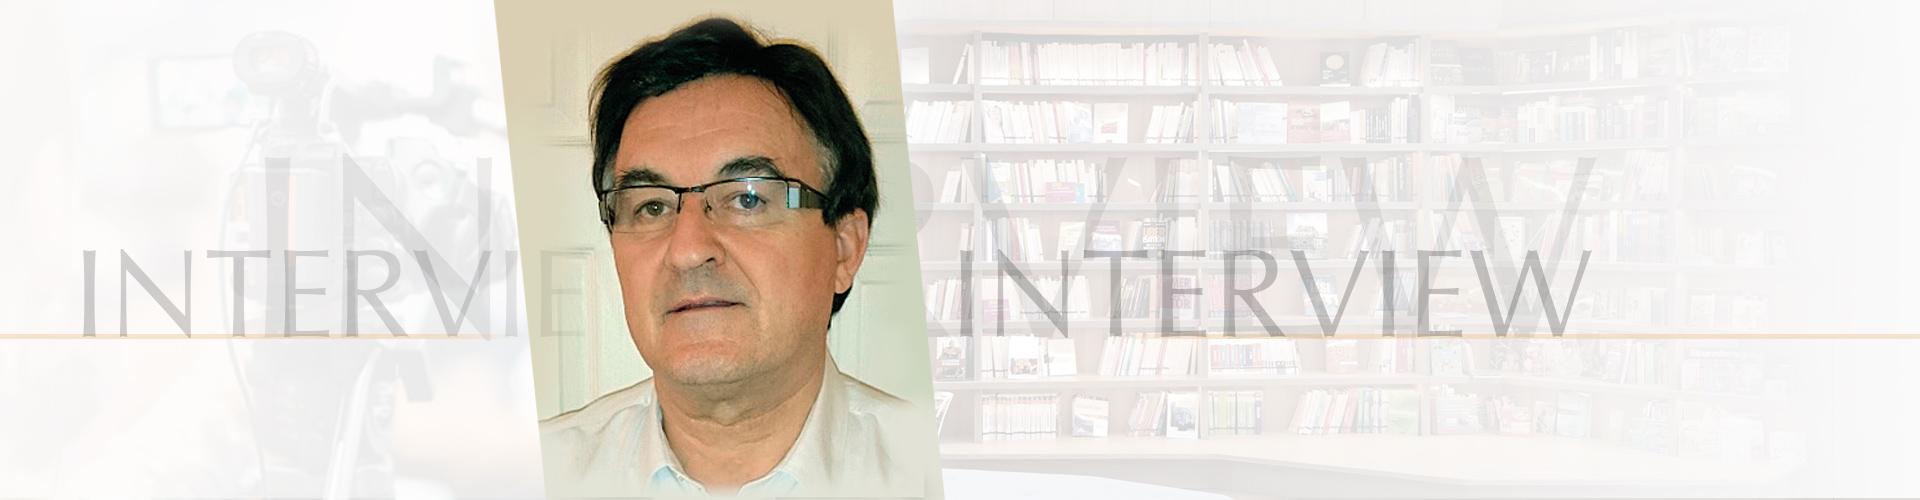 Managers, apprenez à déléguer ! Interview de Jean-Ange Lallican